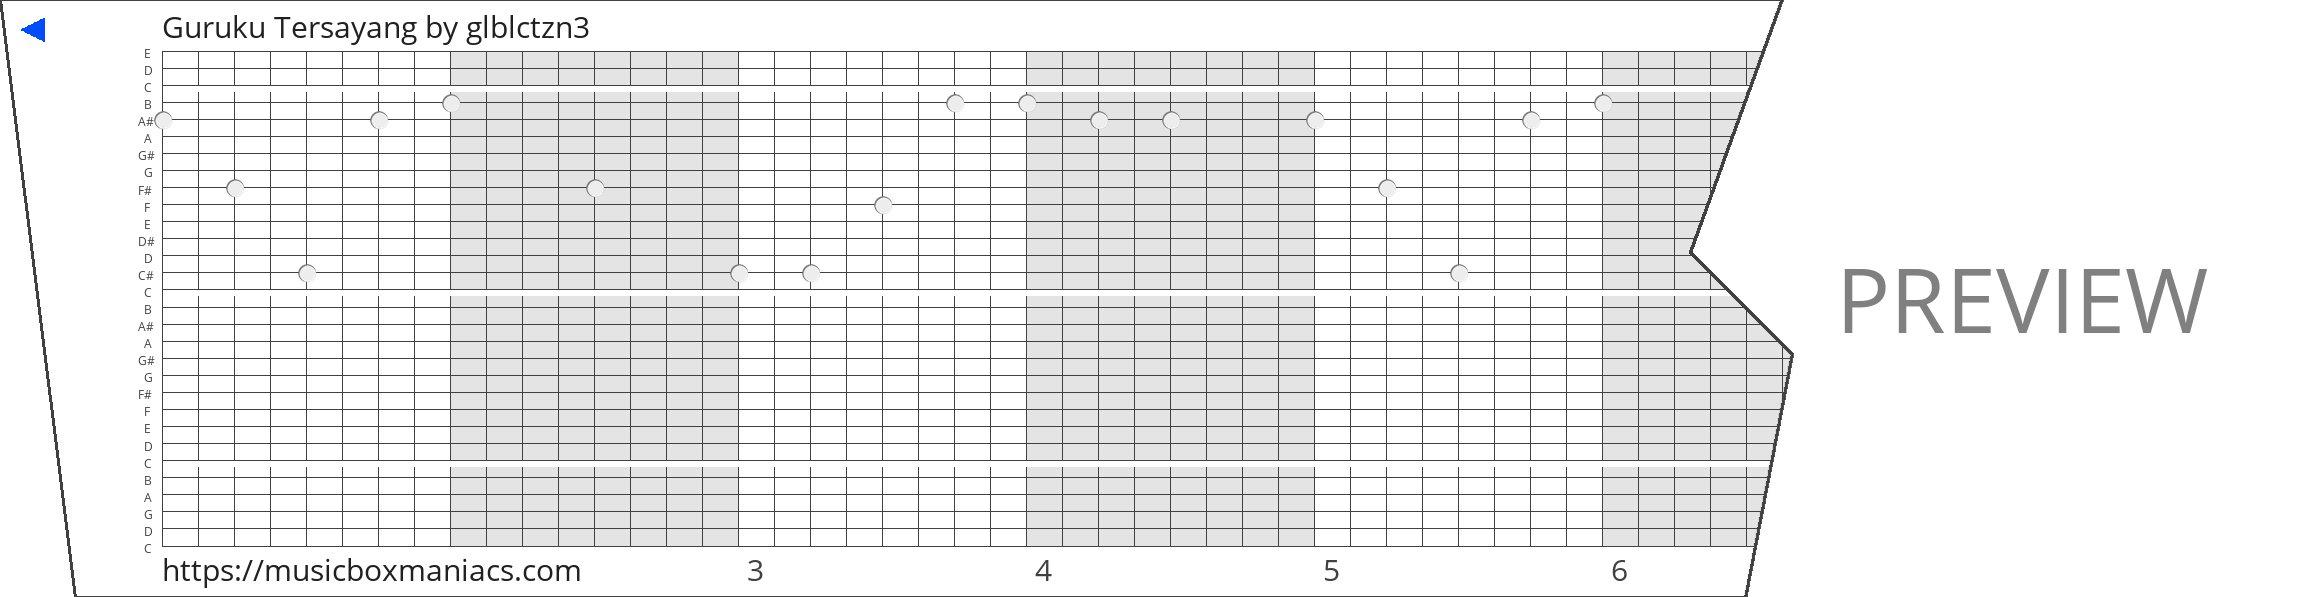 Guruku Tersayang 30 note music box paper strip